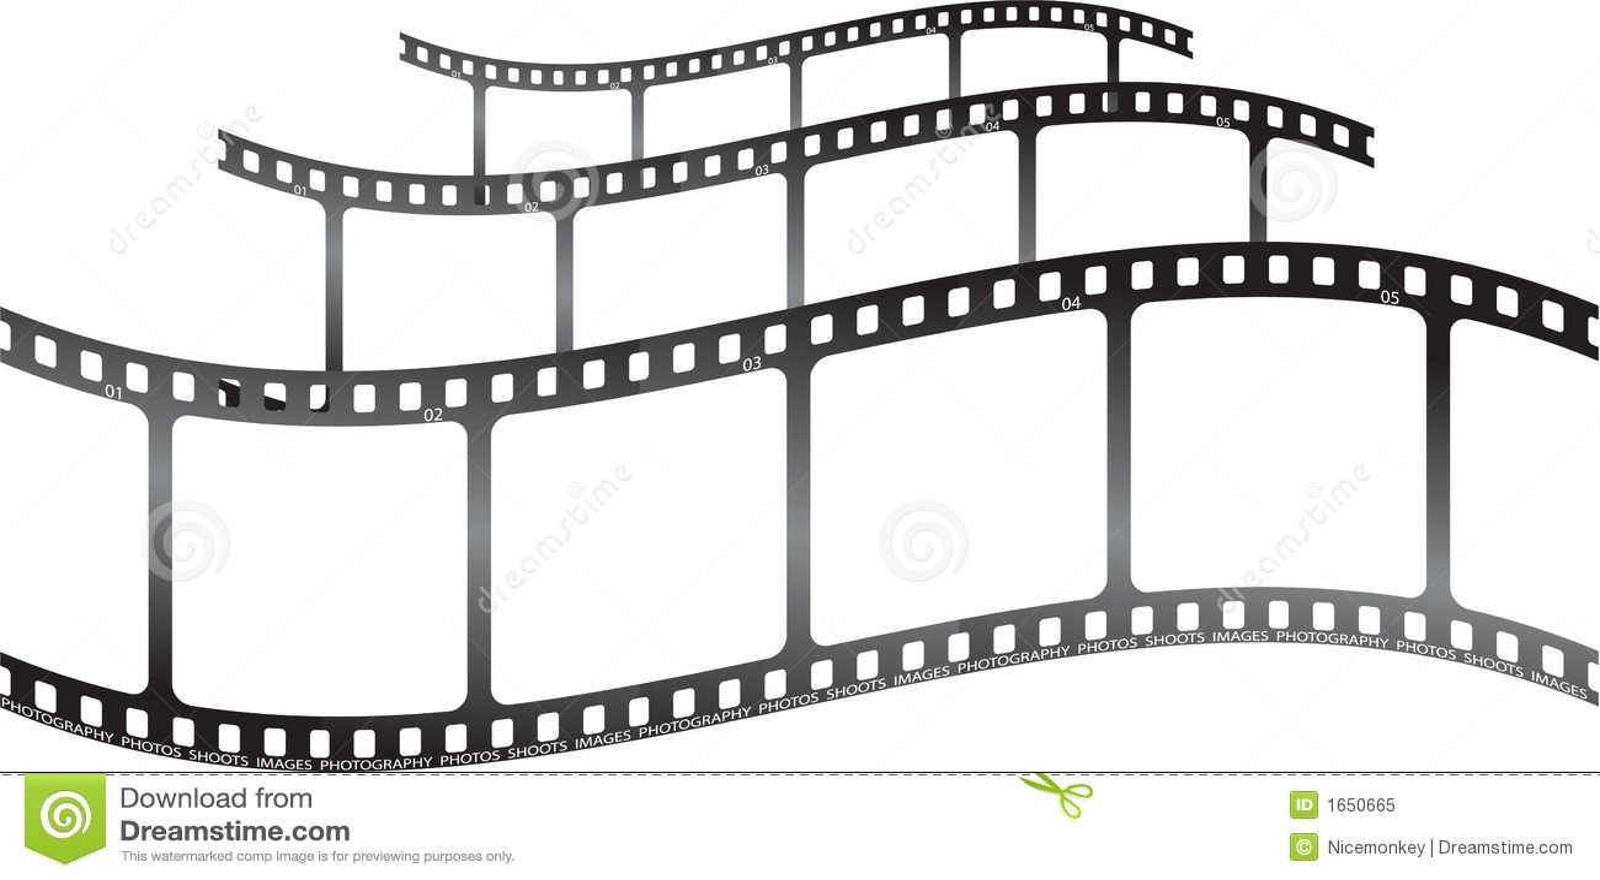 Whita film tripple h wave